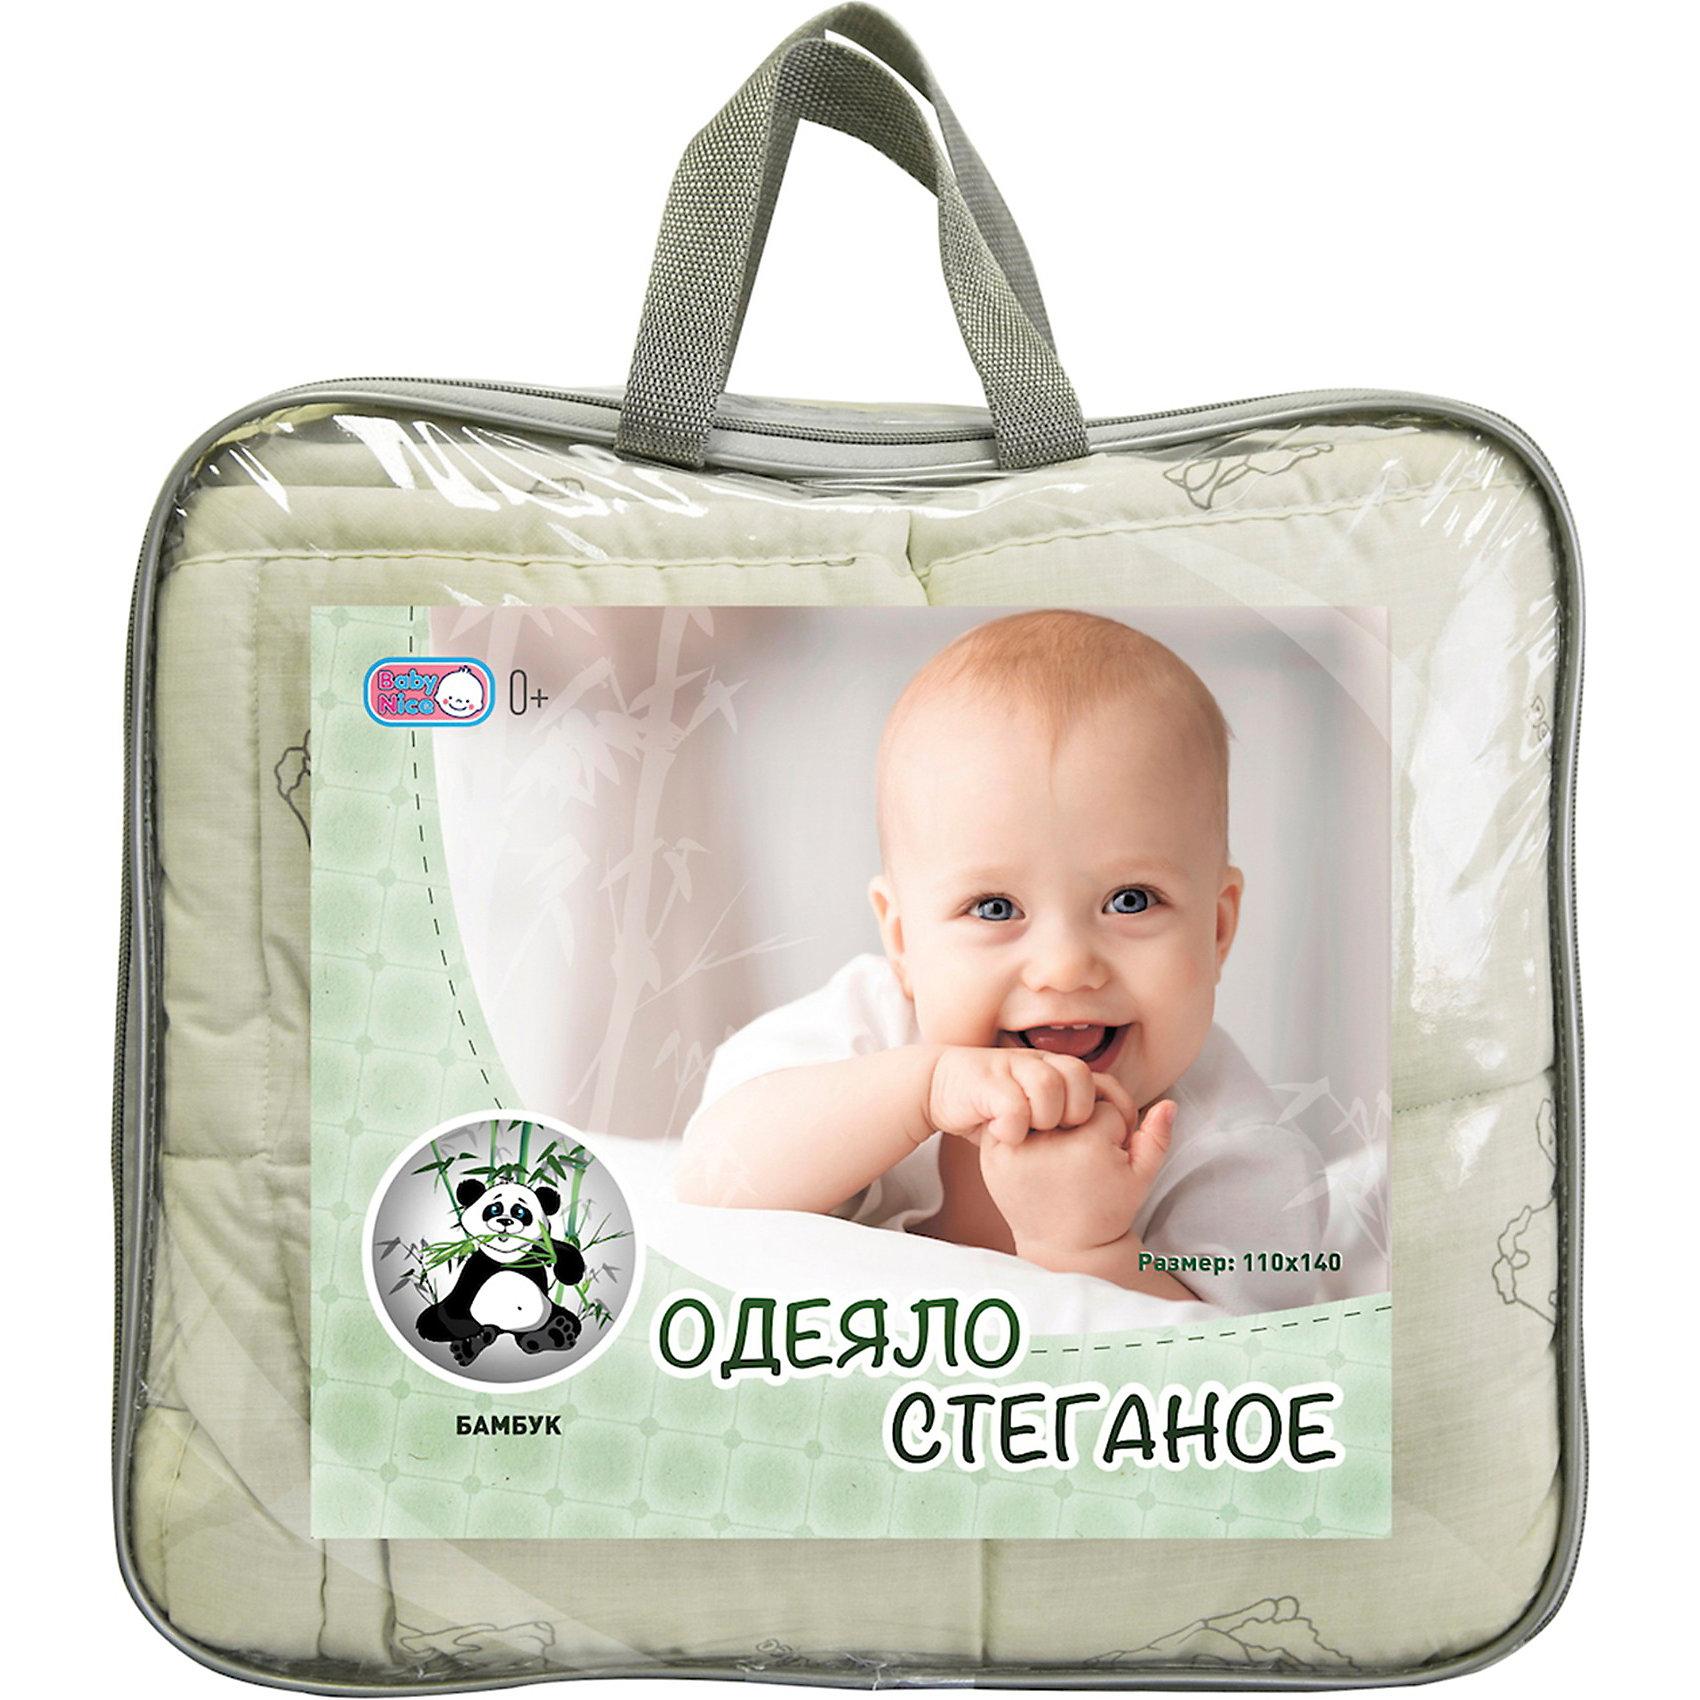 Одеяло стеганное 110х140 см, бамбук, Baby NiceОдеяла, пледы<br>Одеяло стеганное, 110х140 см. – это мягкое удобное одеяло наполнителем которого служит бамбуковое волокно и файбер-пласт.<br>Бамбуковое стеганое одеяло – это отличное одеяло для комфортного сна вашего ребенка. Бамбуковое волокно - экологически чистый природный материал: отлично впитывает и пропускает влагу, обеспечивая оптимальный уровень влажности; обладает отличными воздухопропускающими способностями; создает уникальный тепловой баланс; оказывает антибактериальный эффект; гипоаллергенно; выравнивает температуру, создает прекрасный микроклимат для сна. Бамбук впитывает воду на 60% лучше по сравнению с хлопком.<br><br>Дополнительная информация:<br><br>- Размер одеяла: 110х140 см.<br><br>Одеяло стеганное, 110х140 см. можно купить в нашем интернет-магазине.<br><br>Ширина мм: 600<br>Глубина мм: 400<br>Высота мм: 40<br>Вес г: 900<br>Возраст от месяцев: 0<br>Возраст до месяцев: 60<br>Пол: Унисекс<br>Возраст: Детский<br>SKU: 3859426